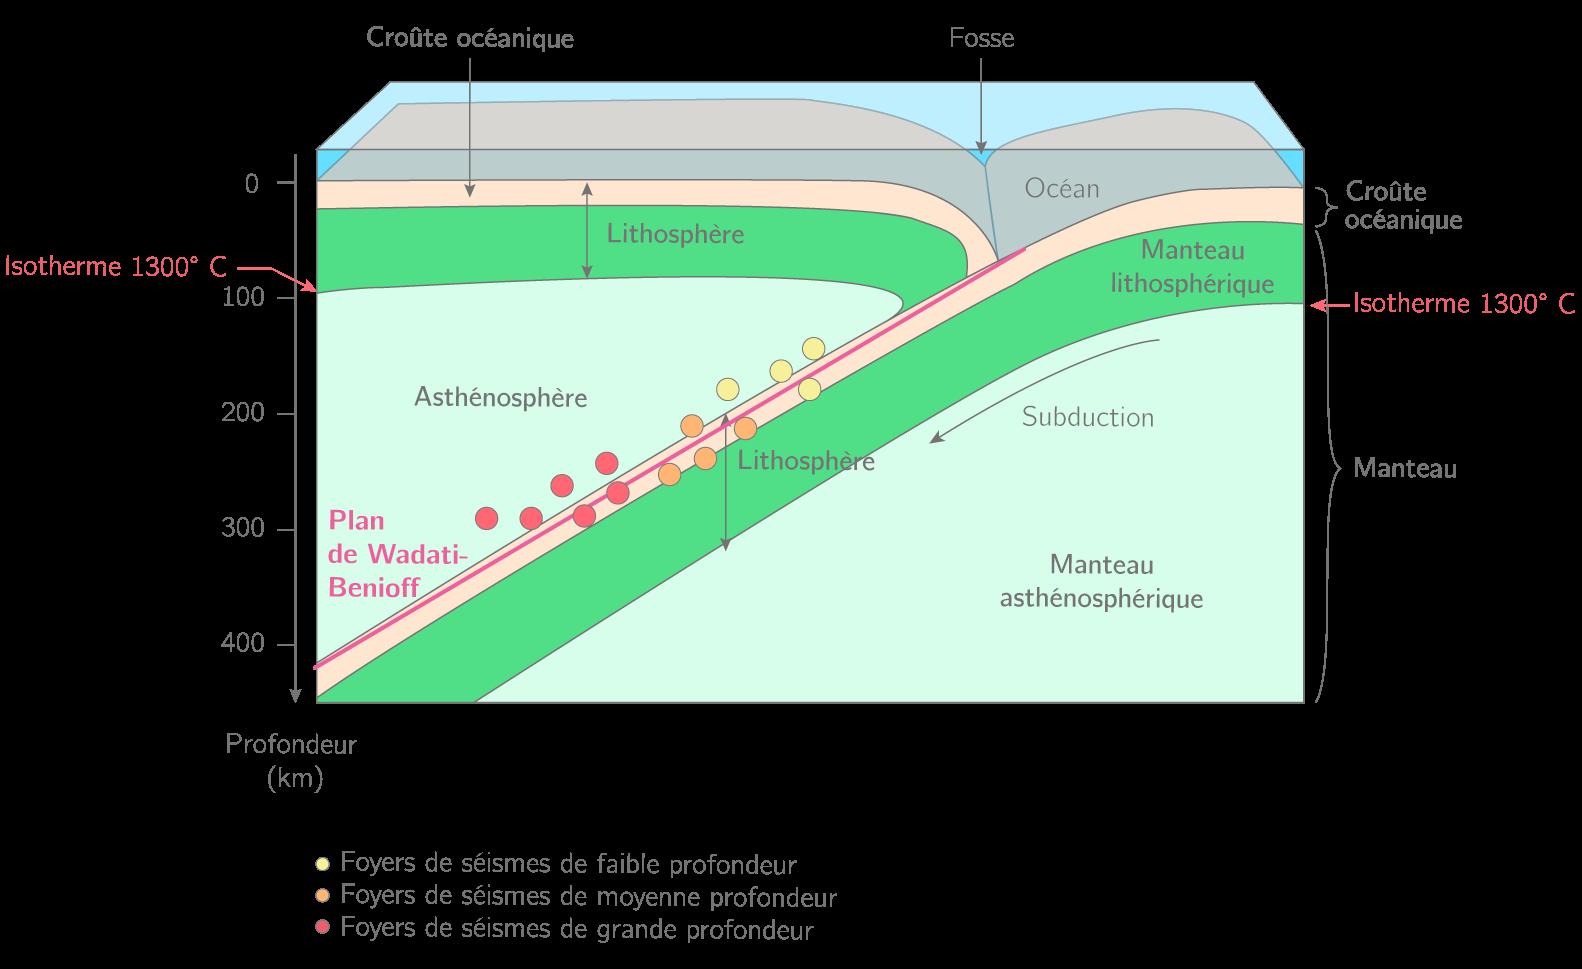 Schéma de la répartition des séismes dans une zone de subduction